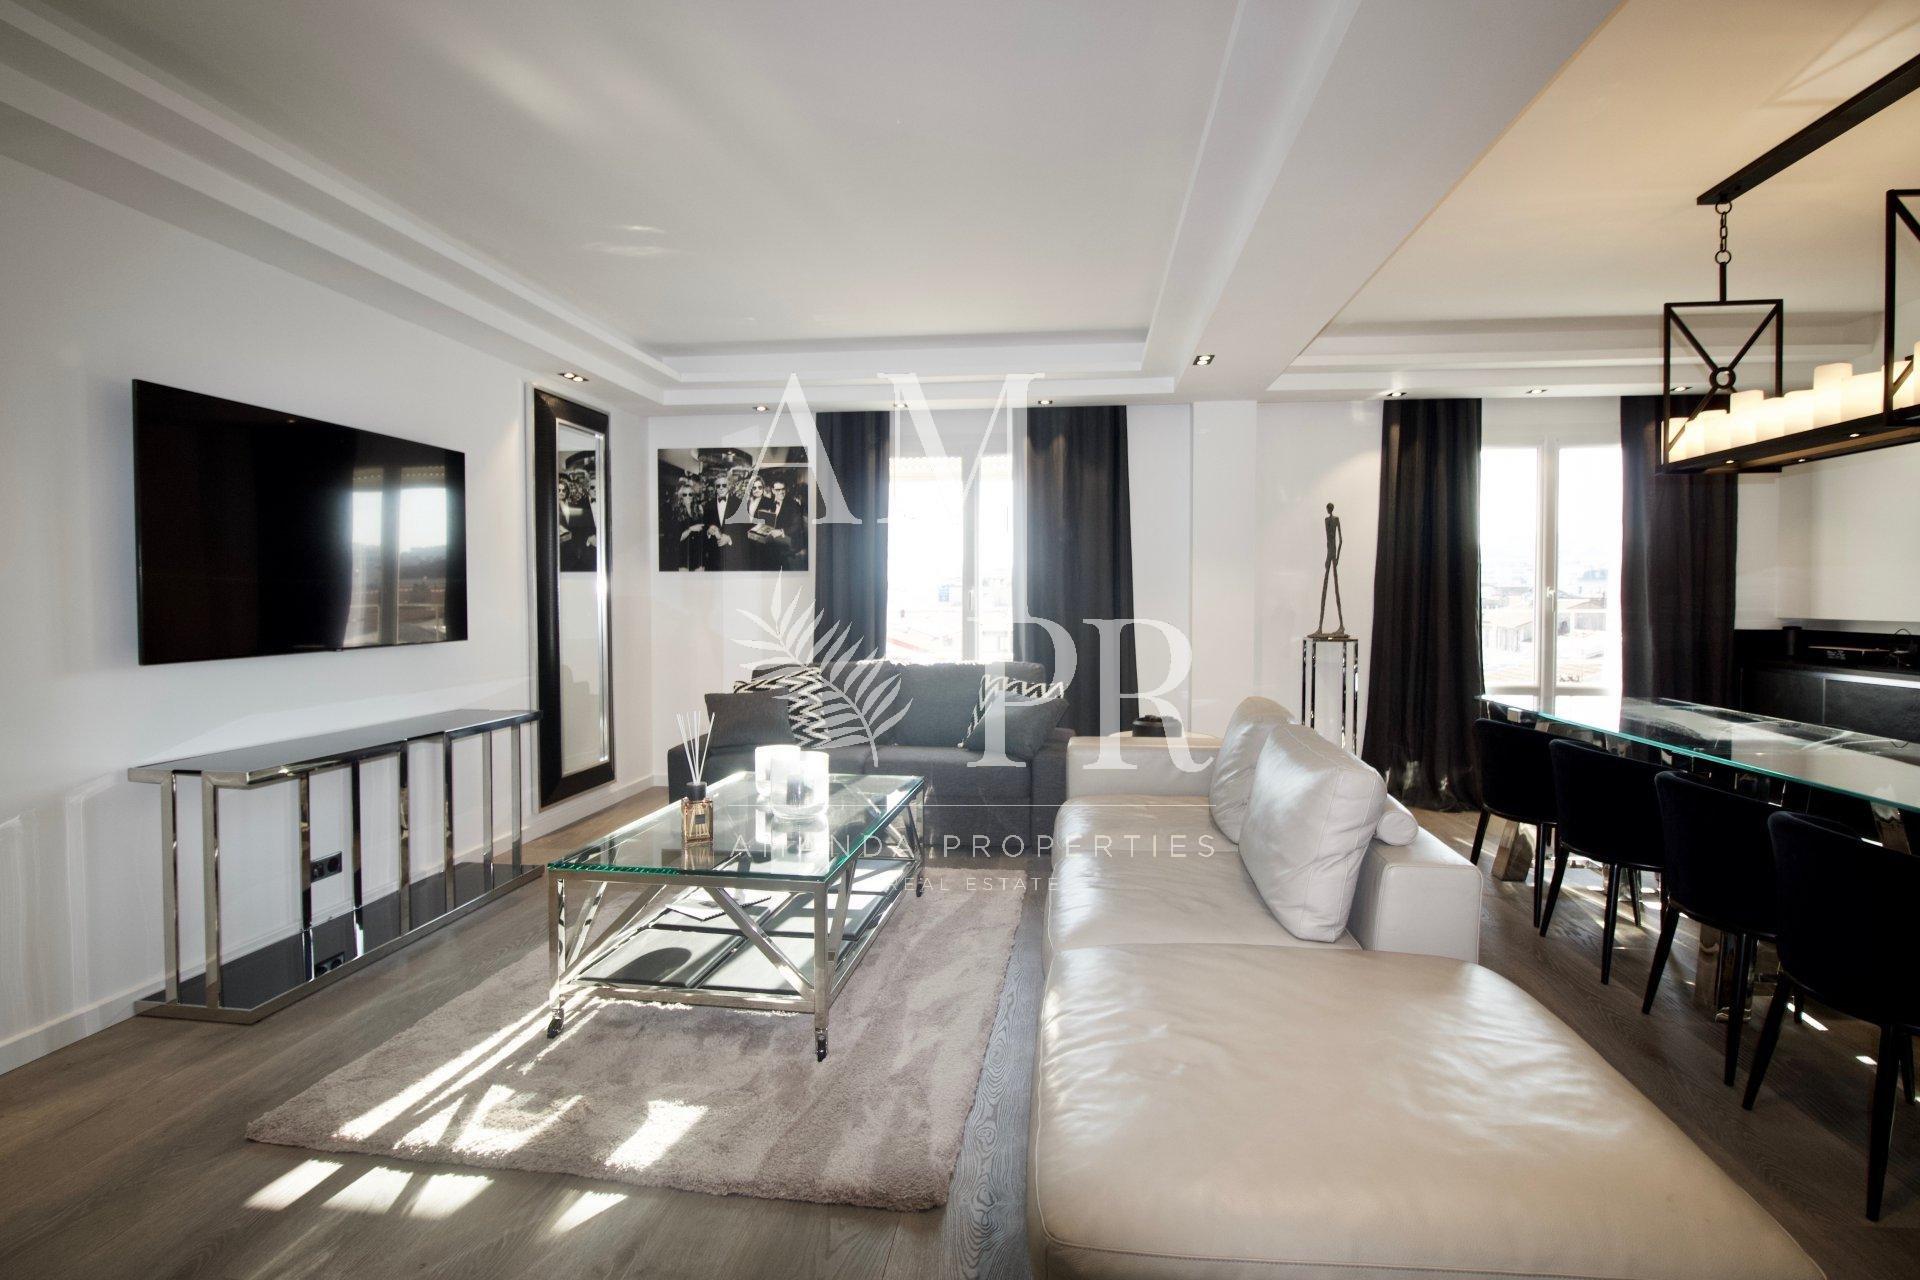 Appartement Haut Standing Moderne 8 personnes Centre Cannes Congres/Vacances